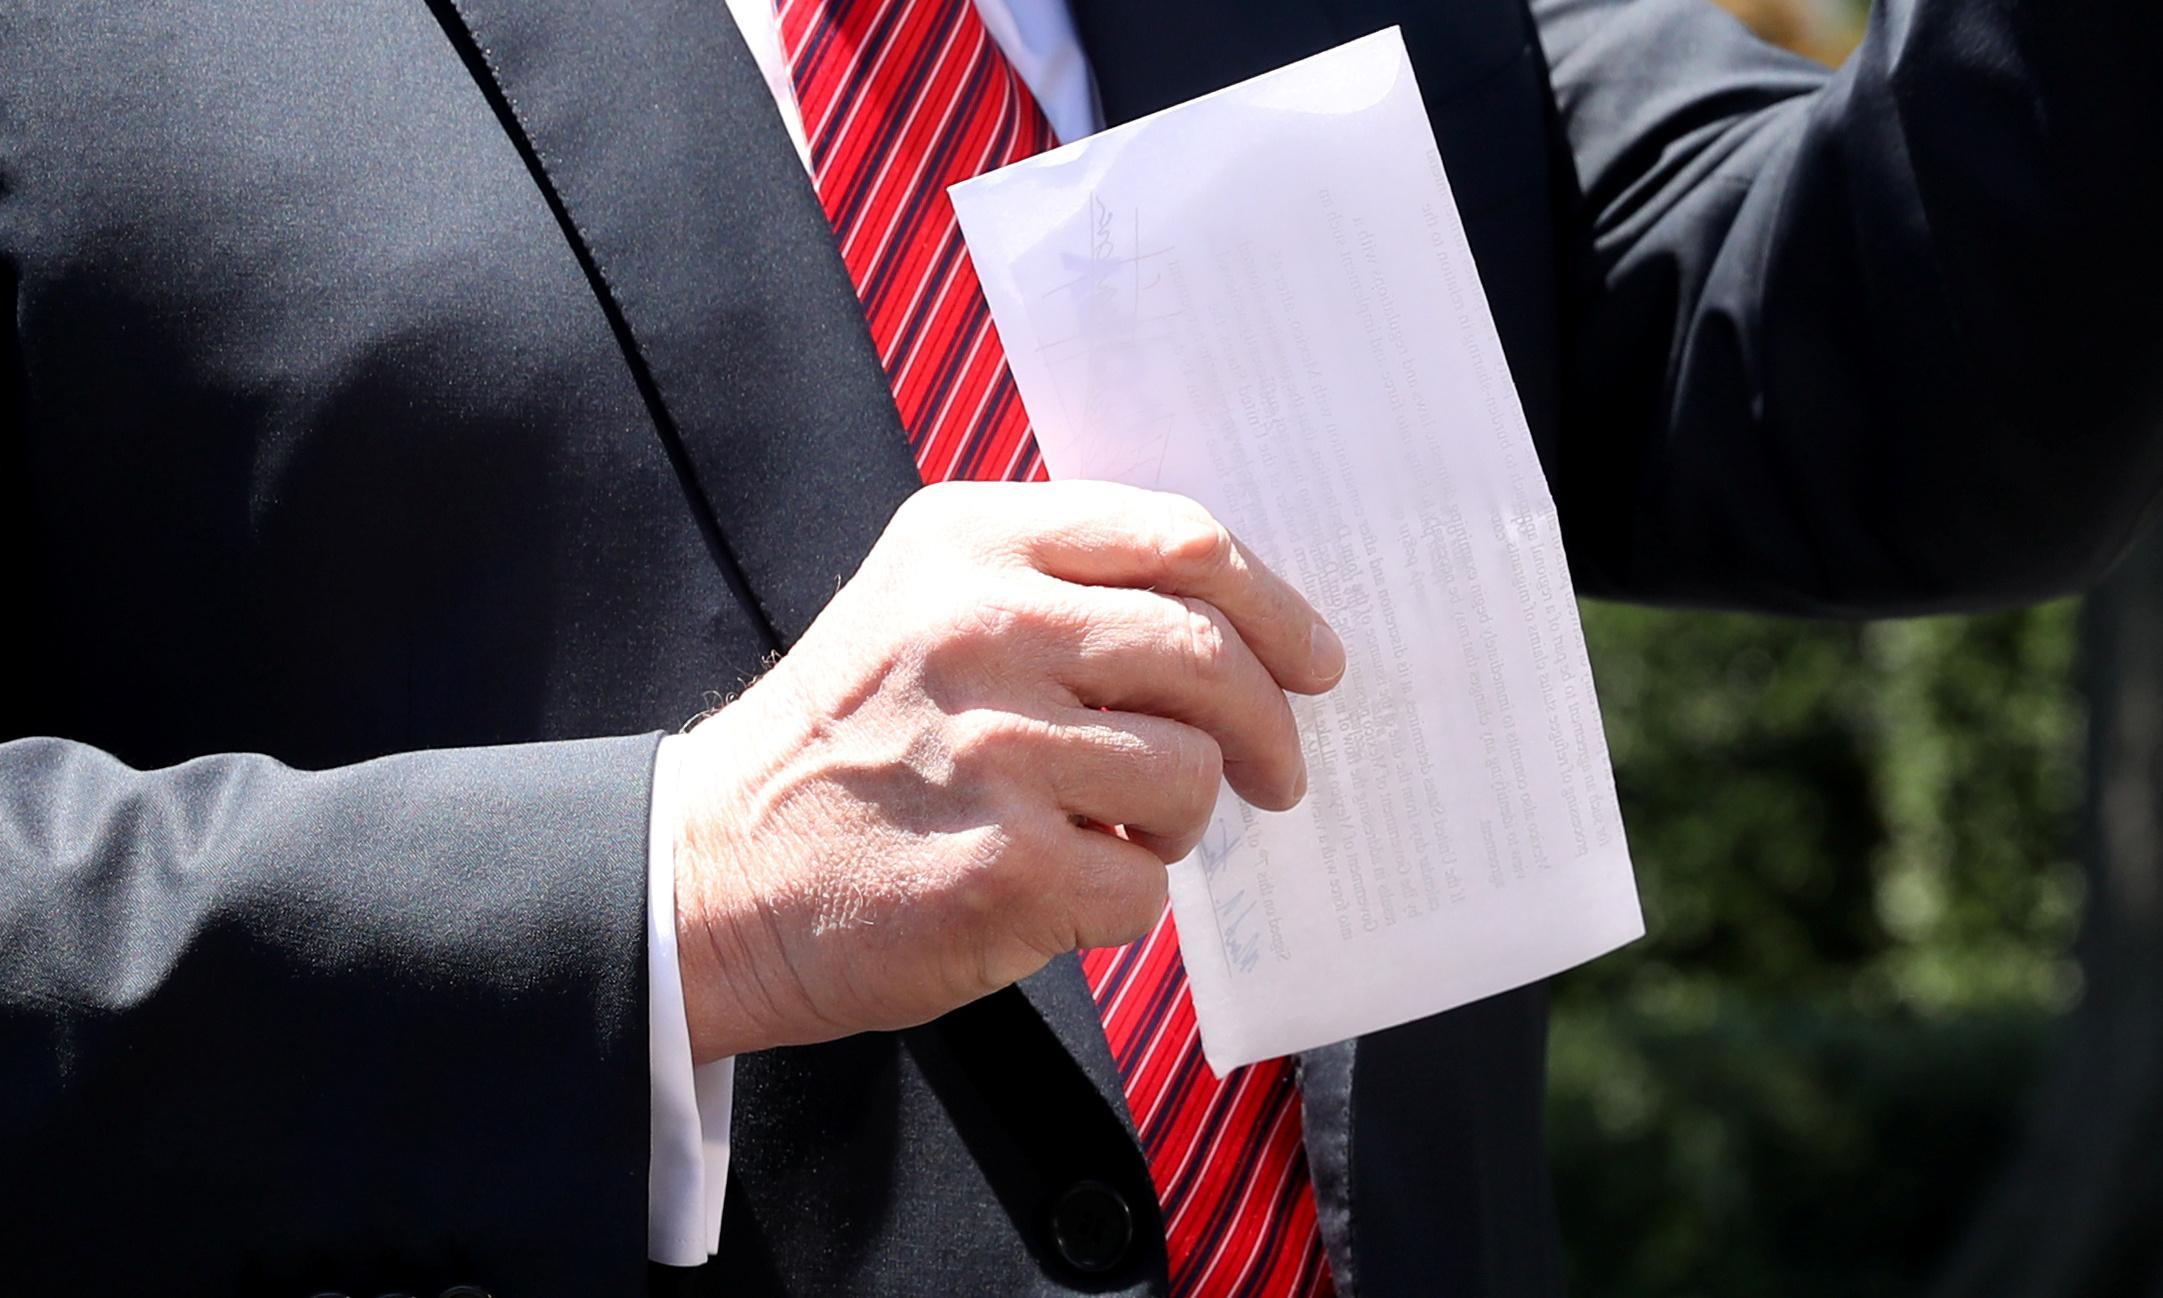 Donald Trump shows off 'secret' Mexico document but photos reveal contents